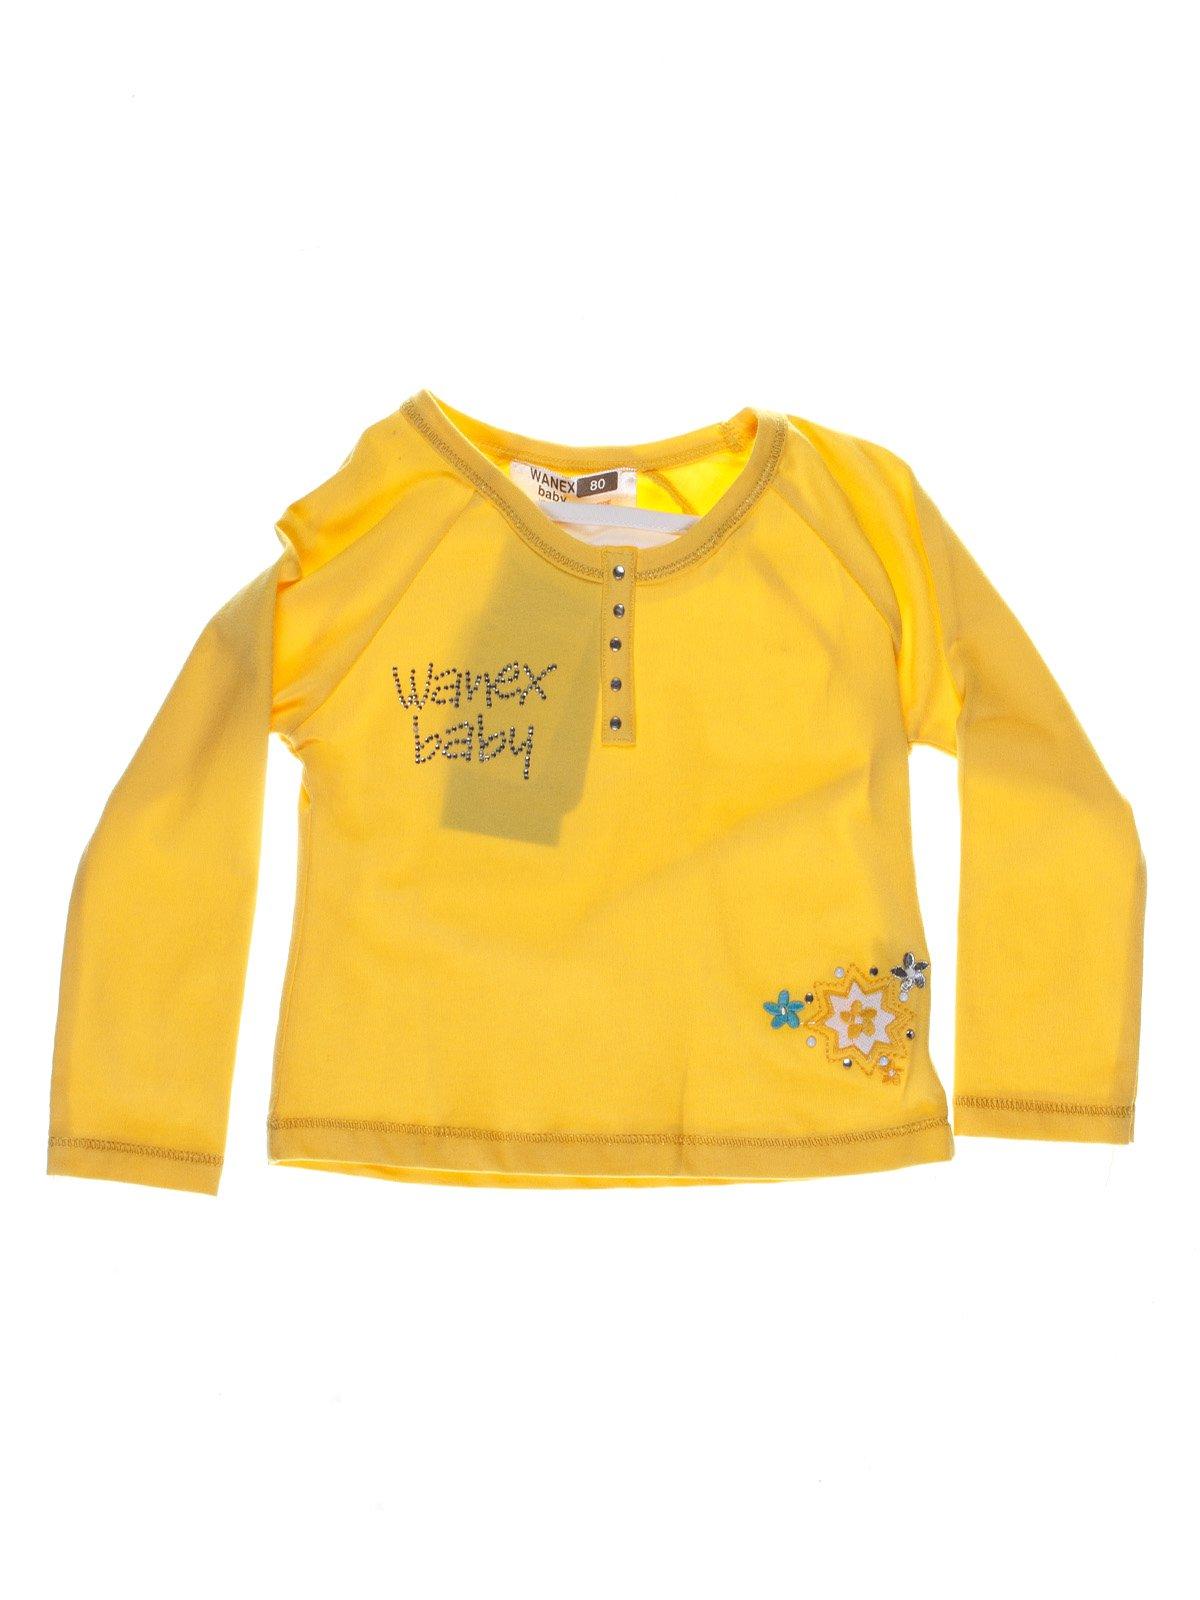 Реглан жовтий з вишивкою | 1051438